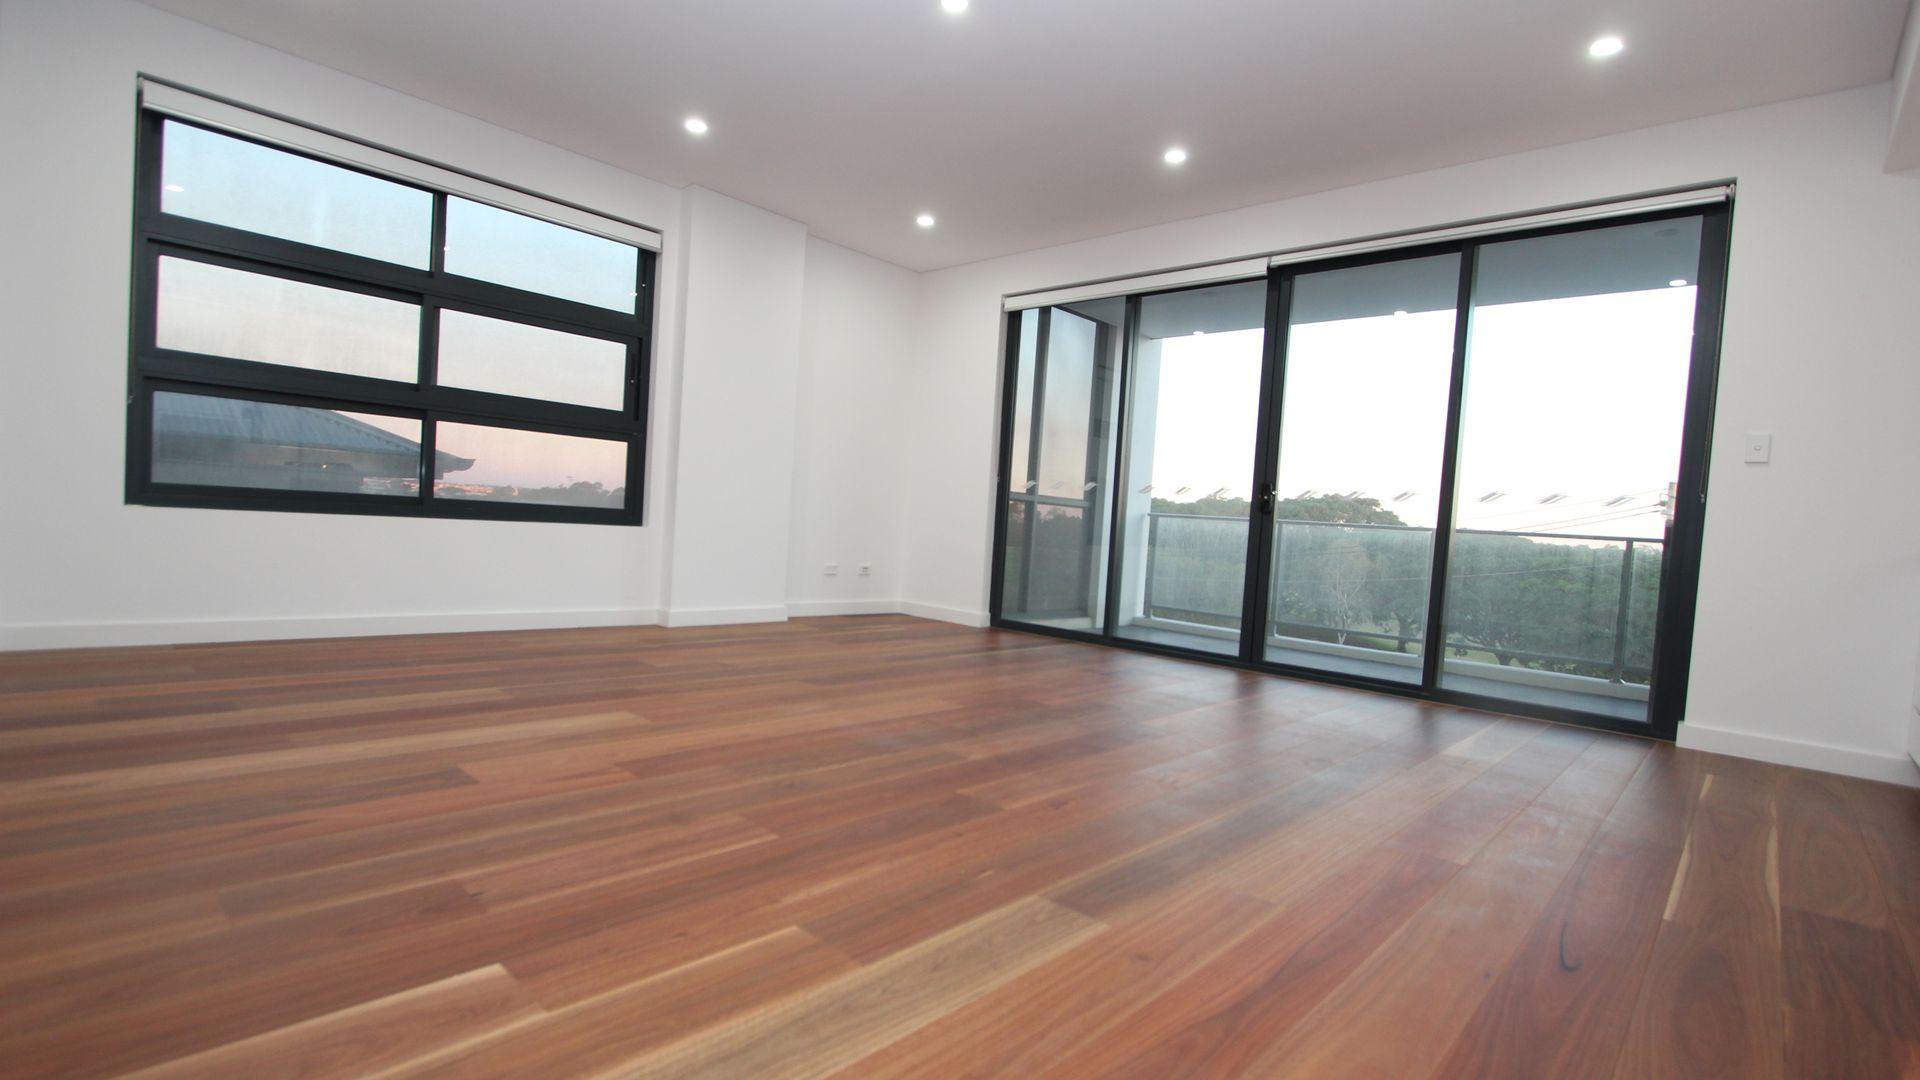 241-245 Sydney Park Rd, Erskineville NSW 2043, Image 1